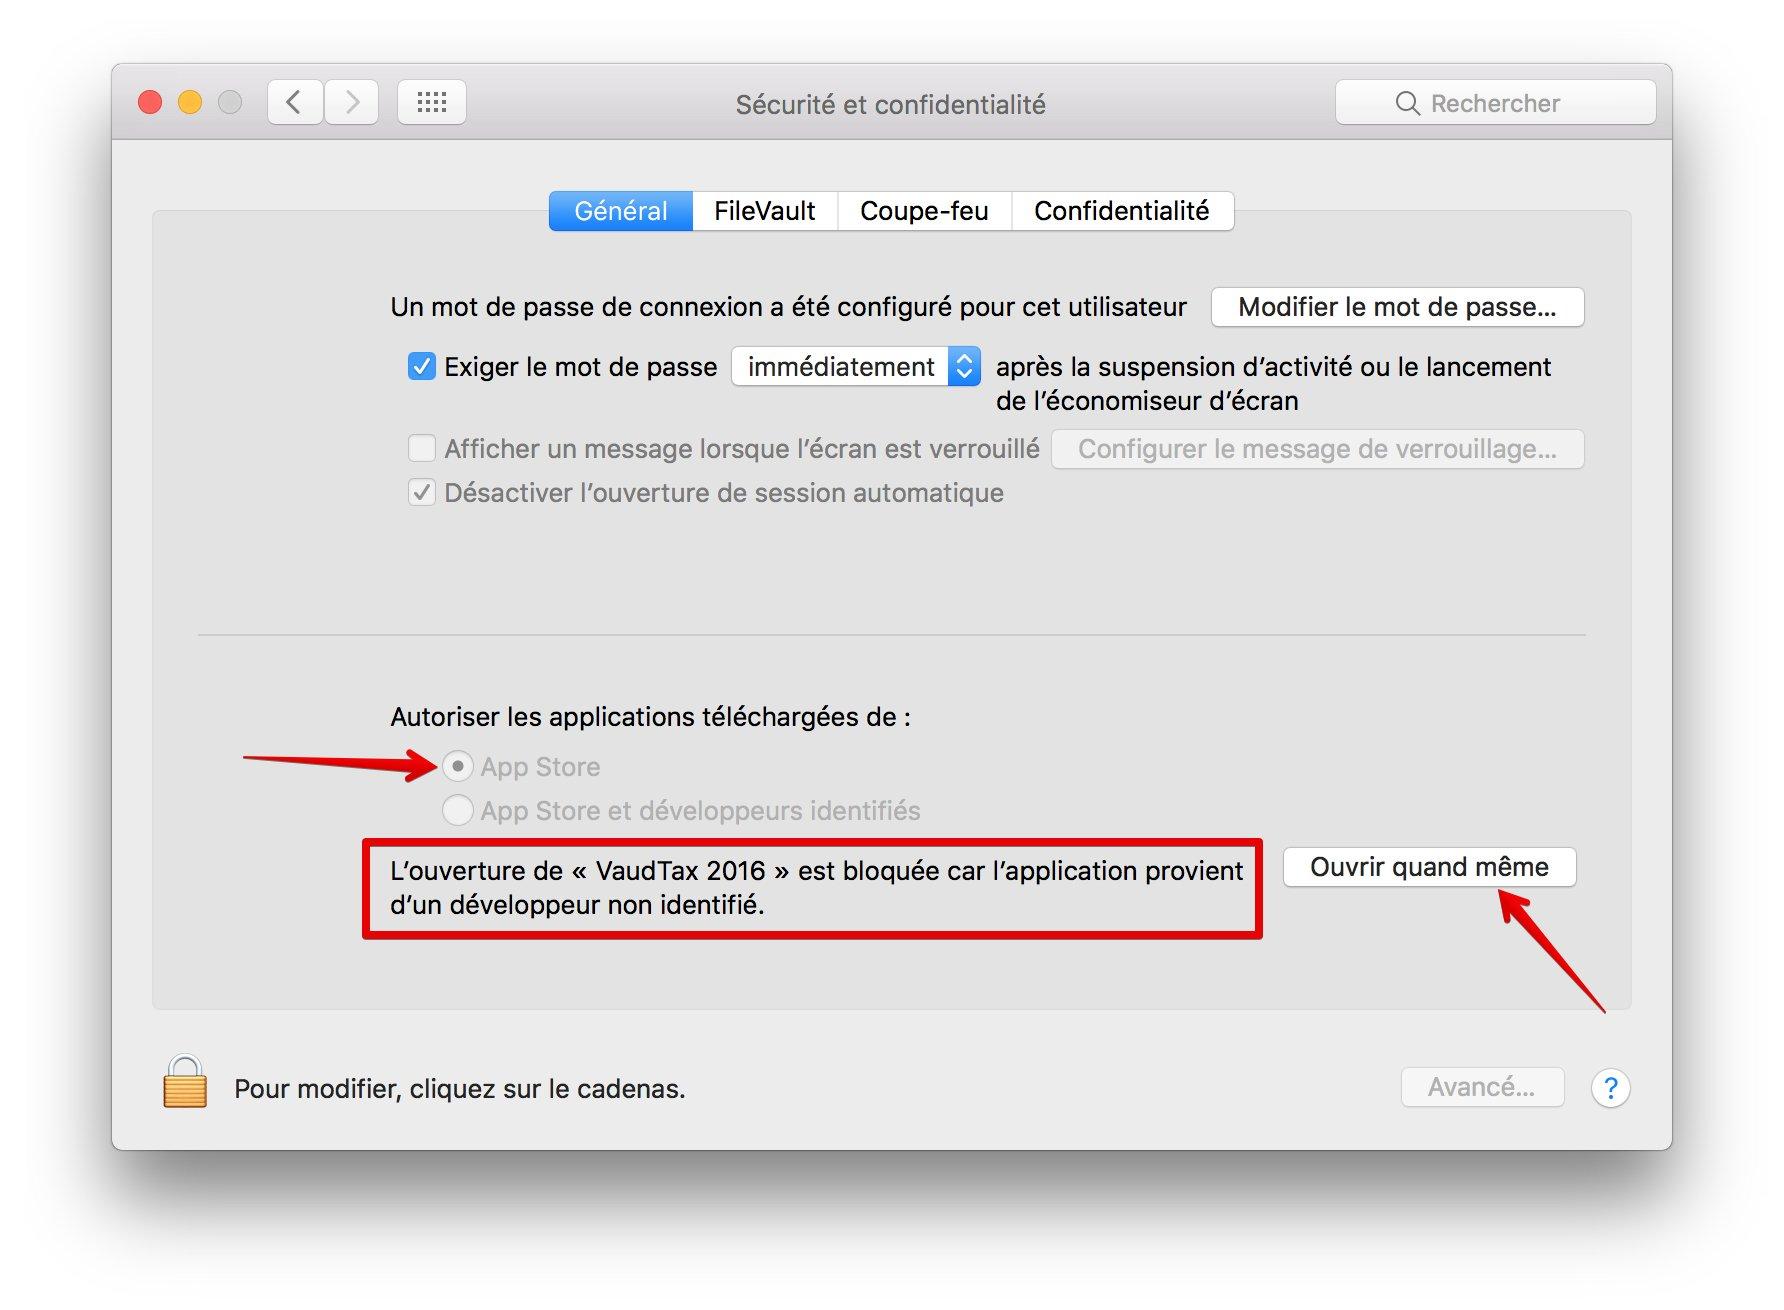 0299dc7ab1040 Les alertes n'apparaissent que lors du premier lancement des applications,  comme c'est le cas avec les versions précédentes de Mac OS X. Dès lors, vous  ...